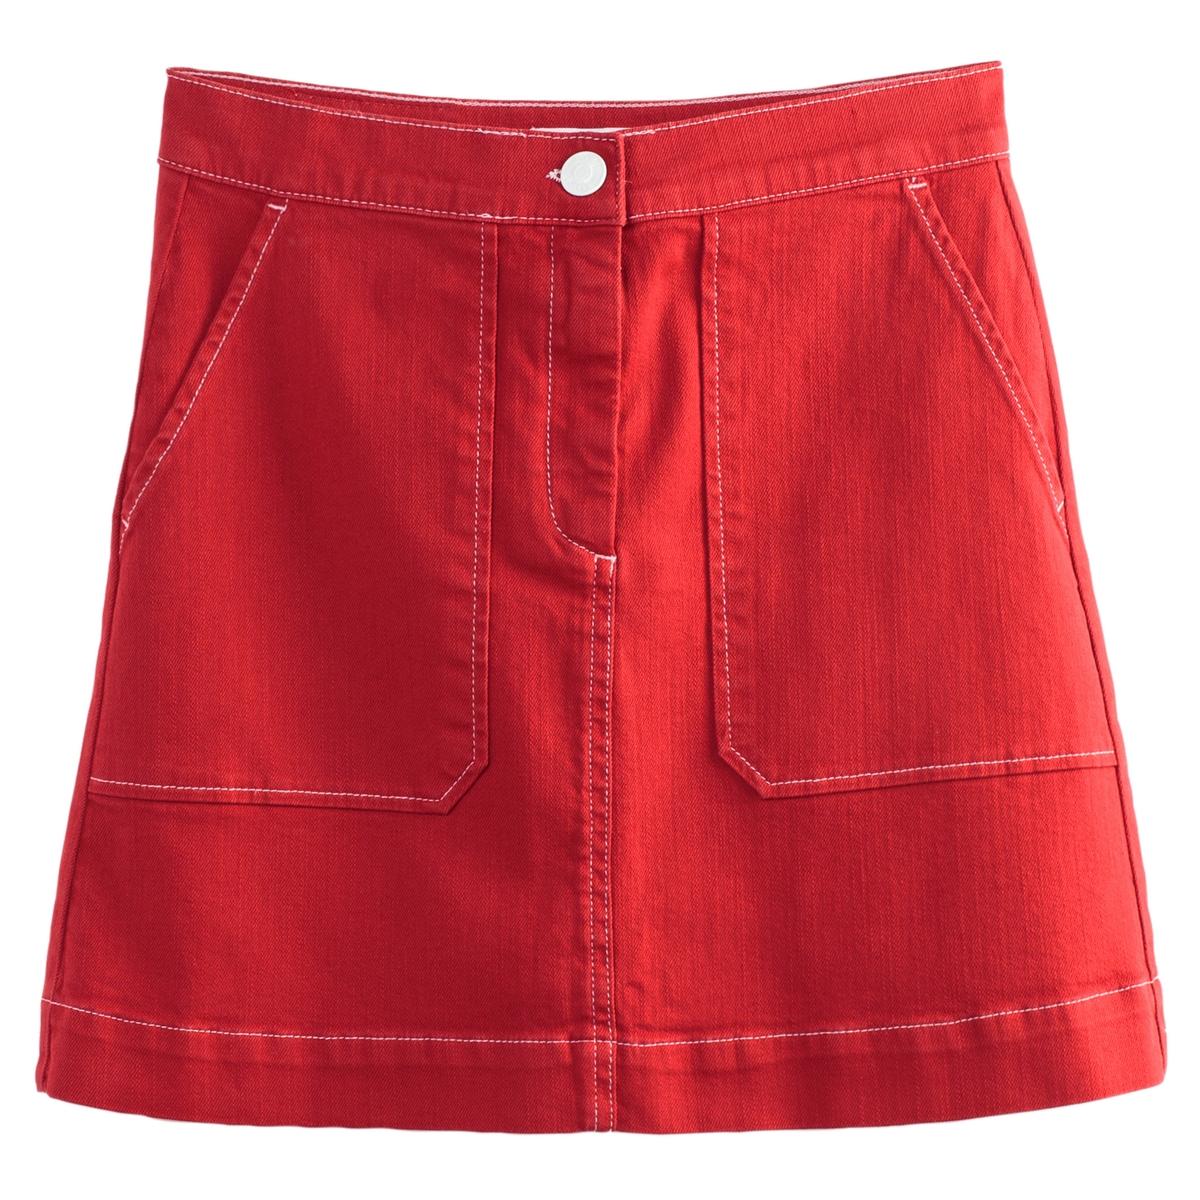 Falda corta con dos bolsillos grandes tipo parche